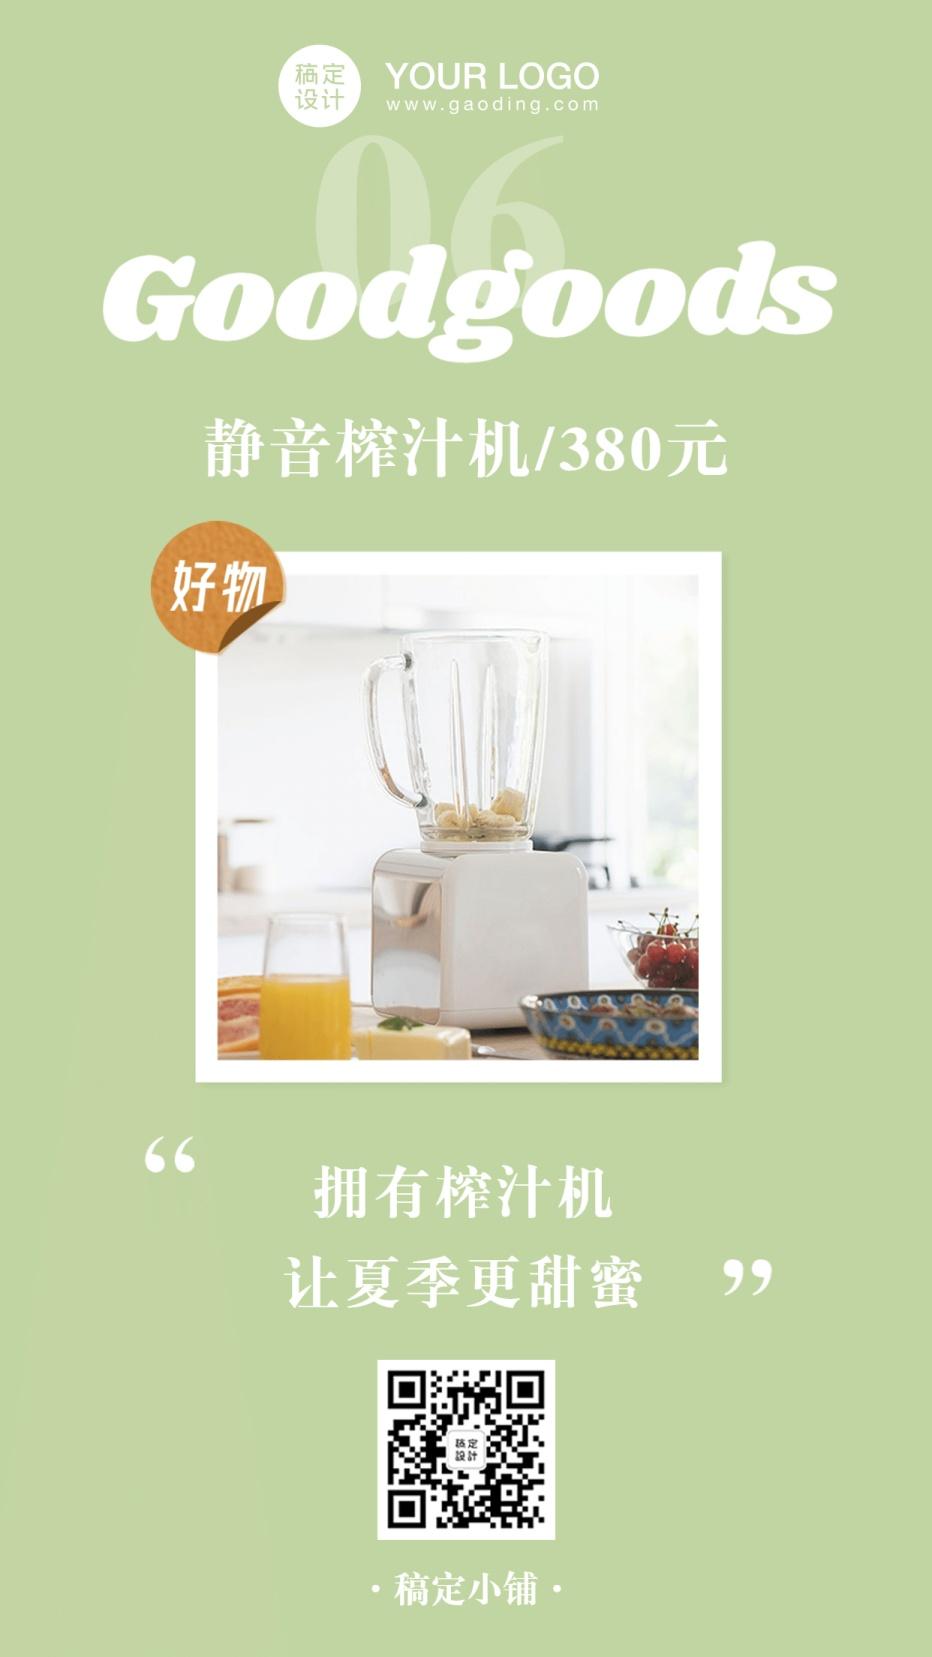 618夏日好物推荐产品介绍促销分享